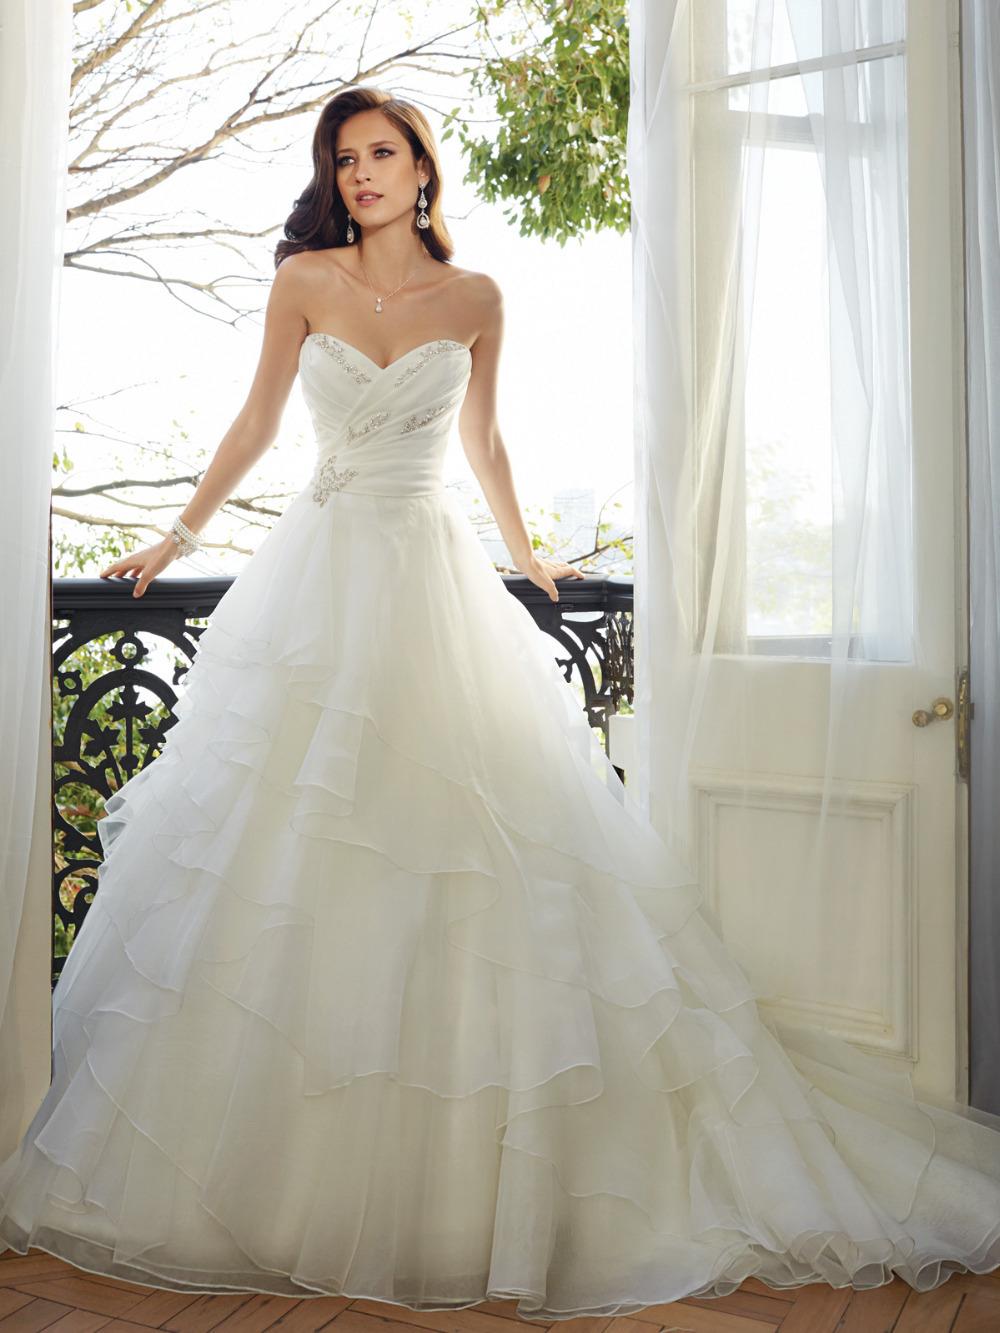 Bridal gowns shop online